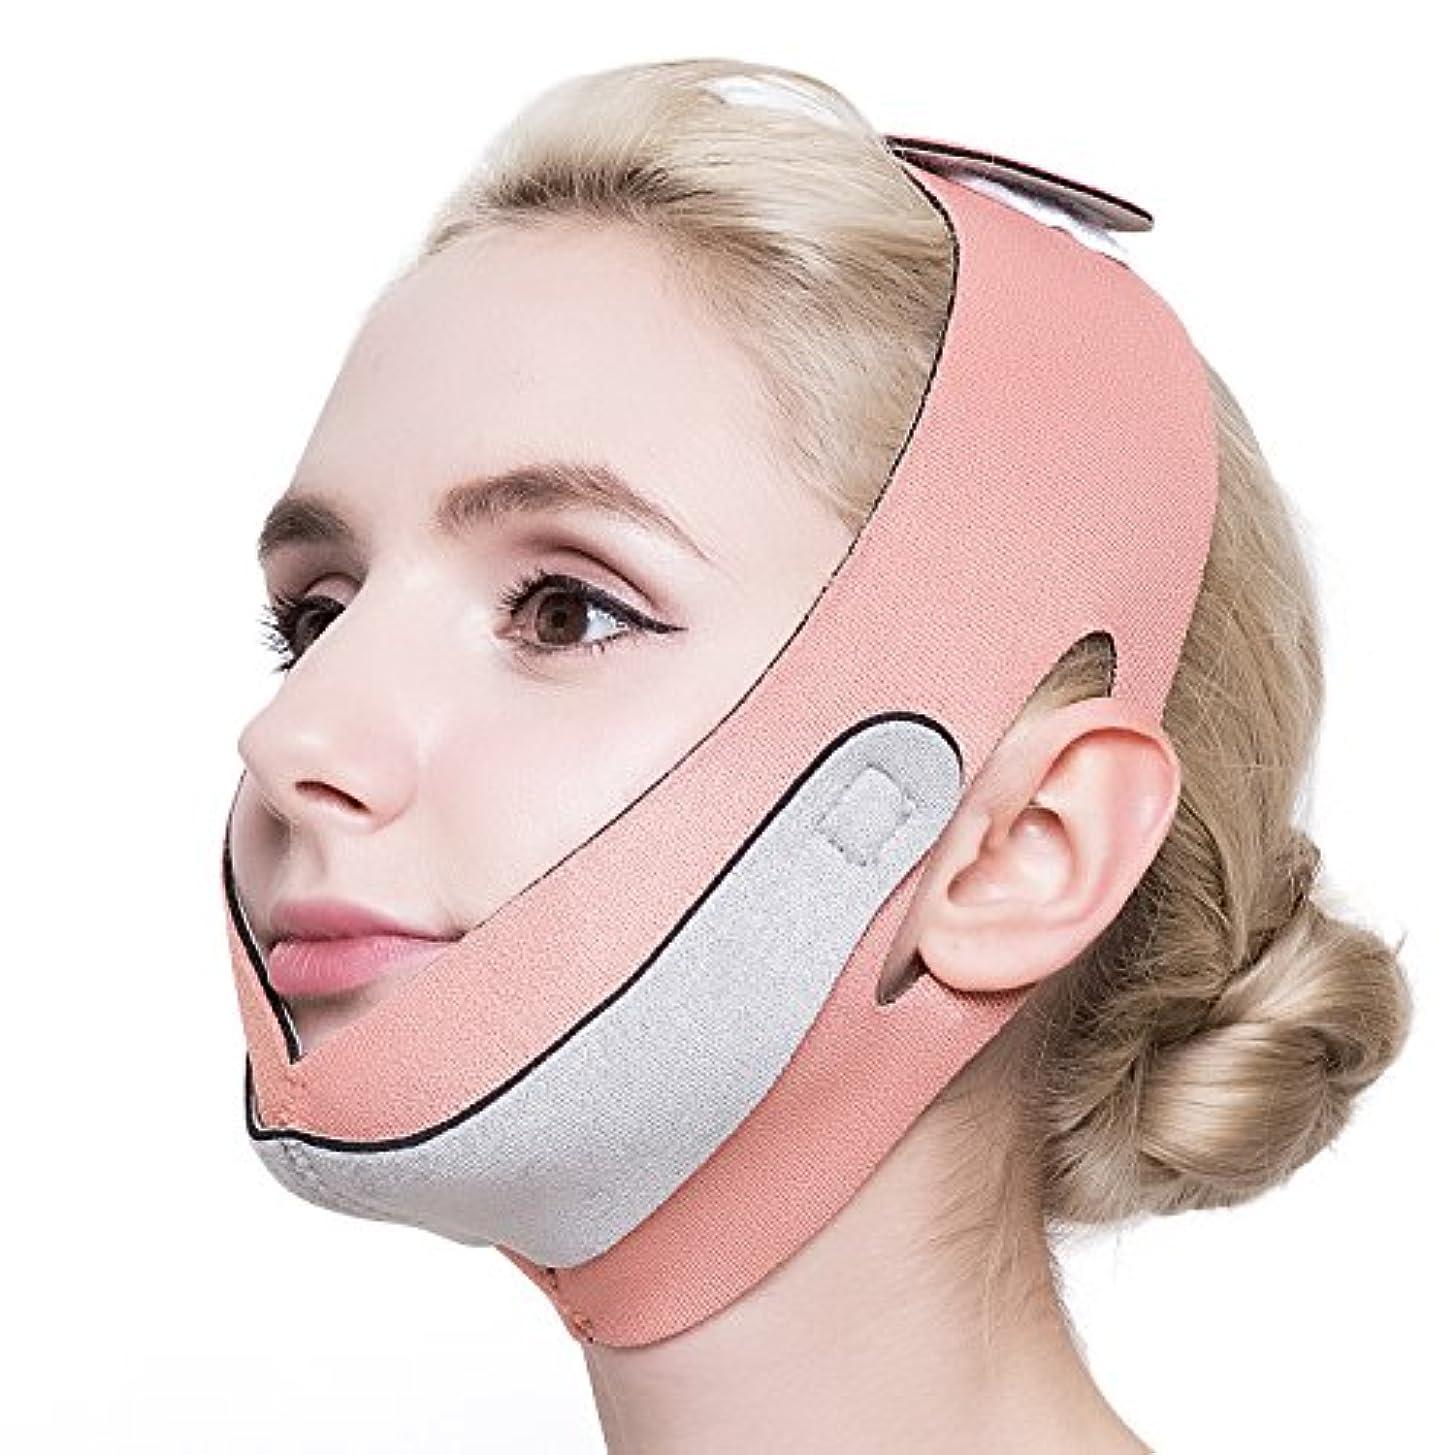 病的決済宣言するPLEASINGSAN 小顔 ベルト リフトアップ フェイスマスク グッズ メンズ レディース